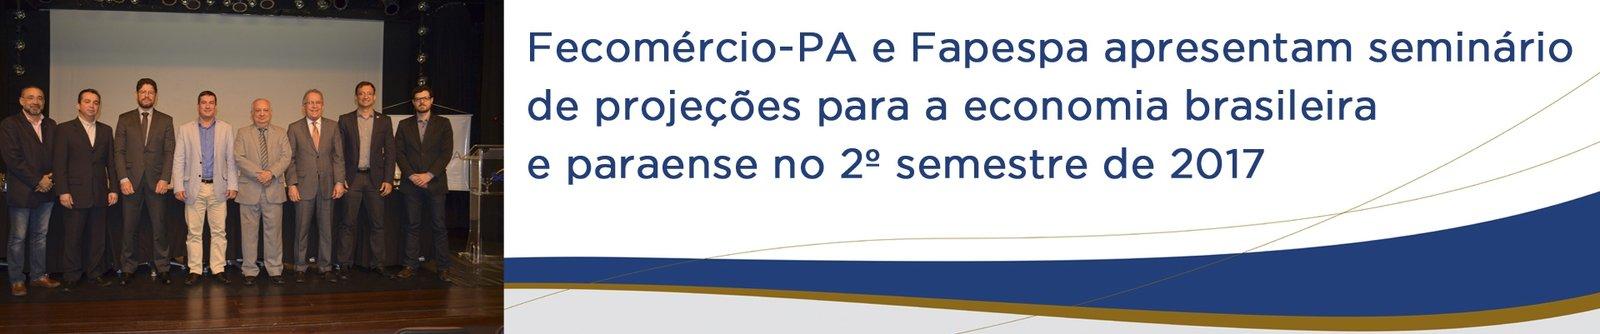 Fecomércio-PA e Fapespa apresentam seminário de projeções para a economia brasileira